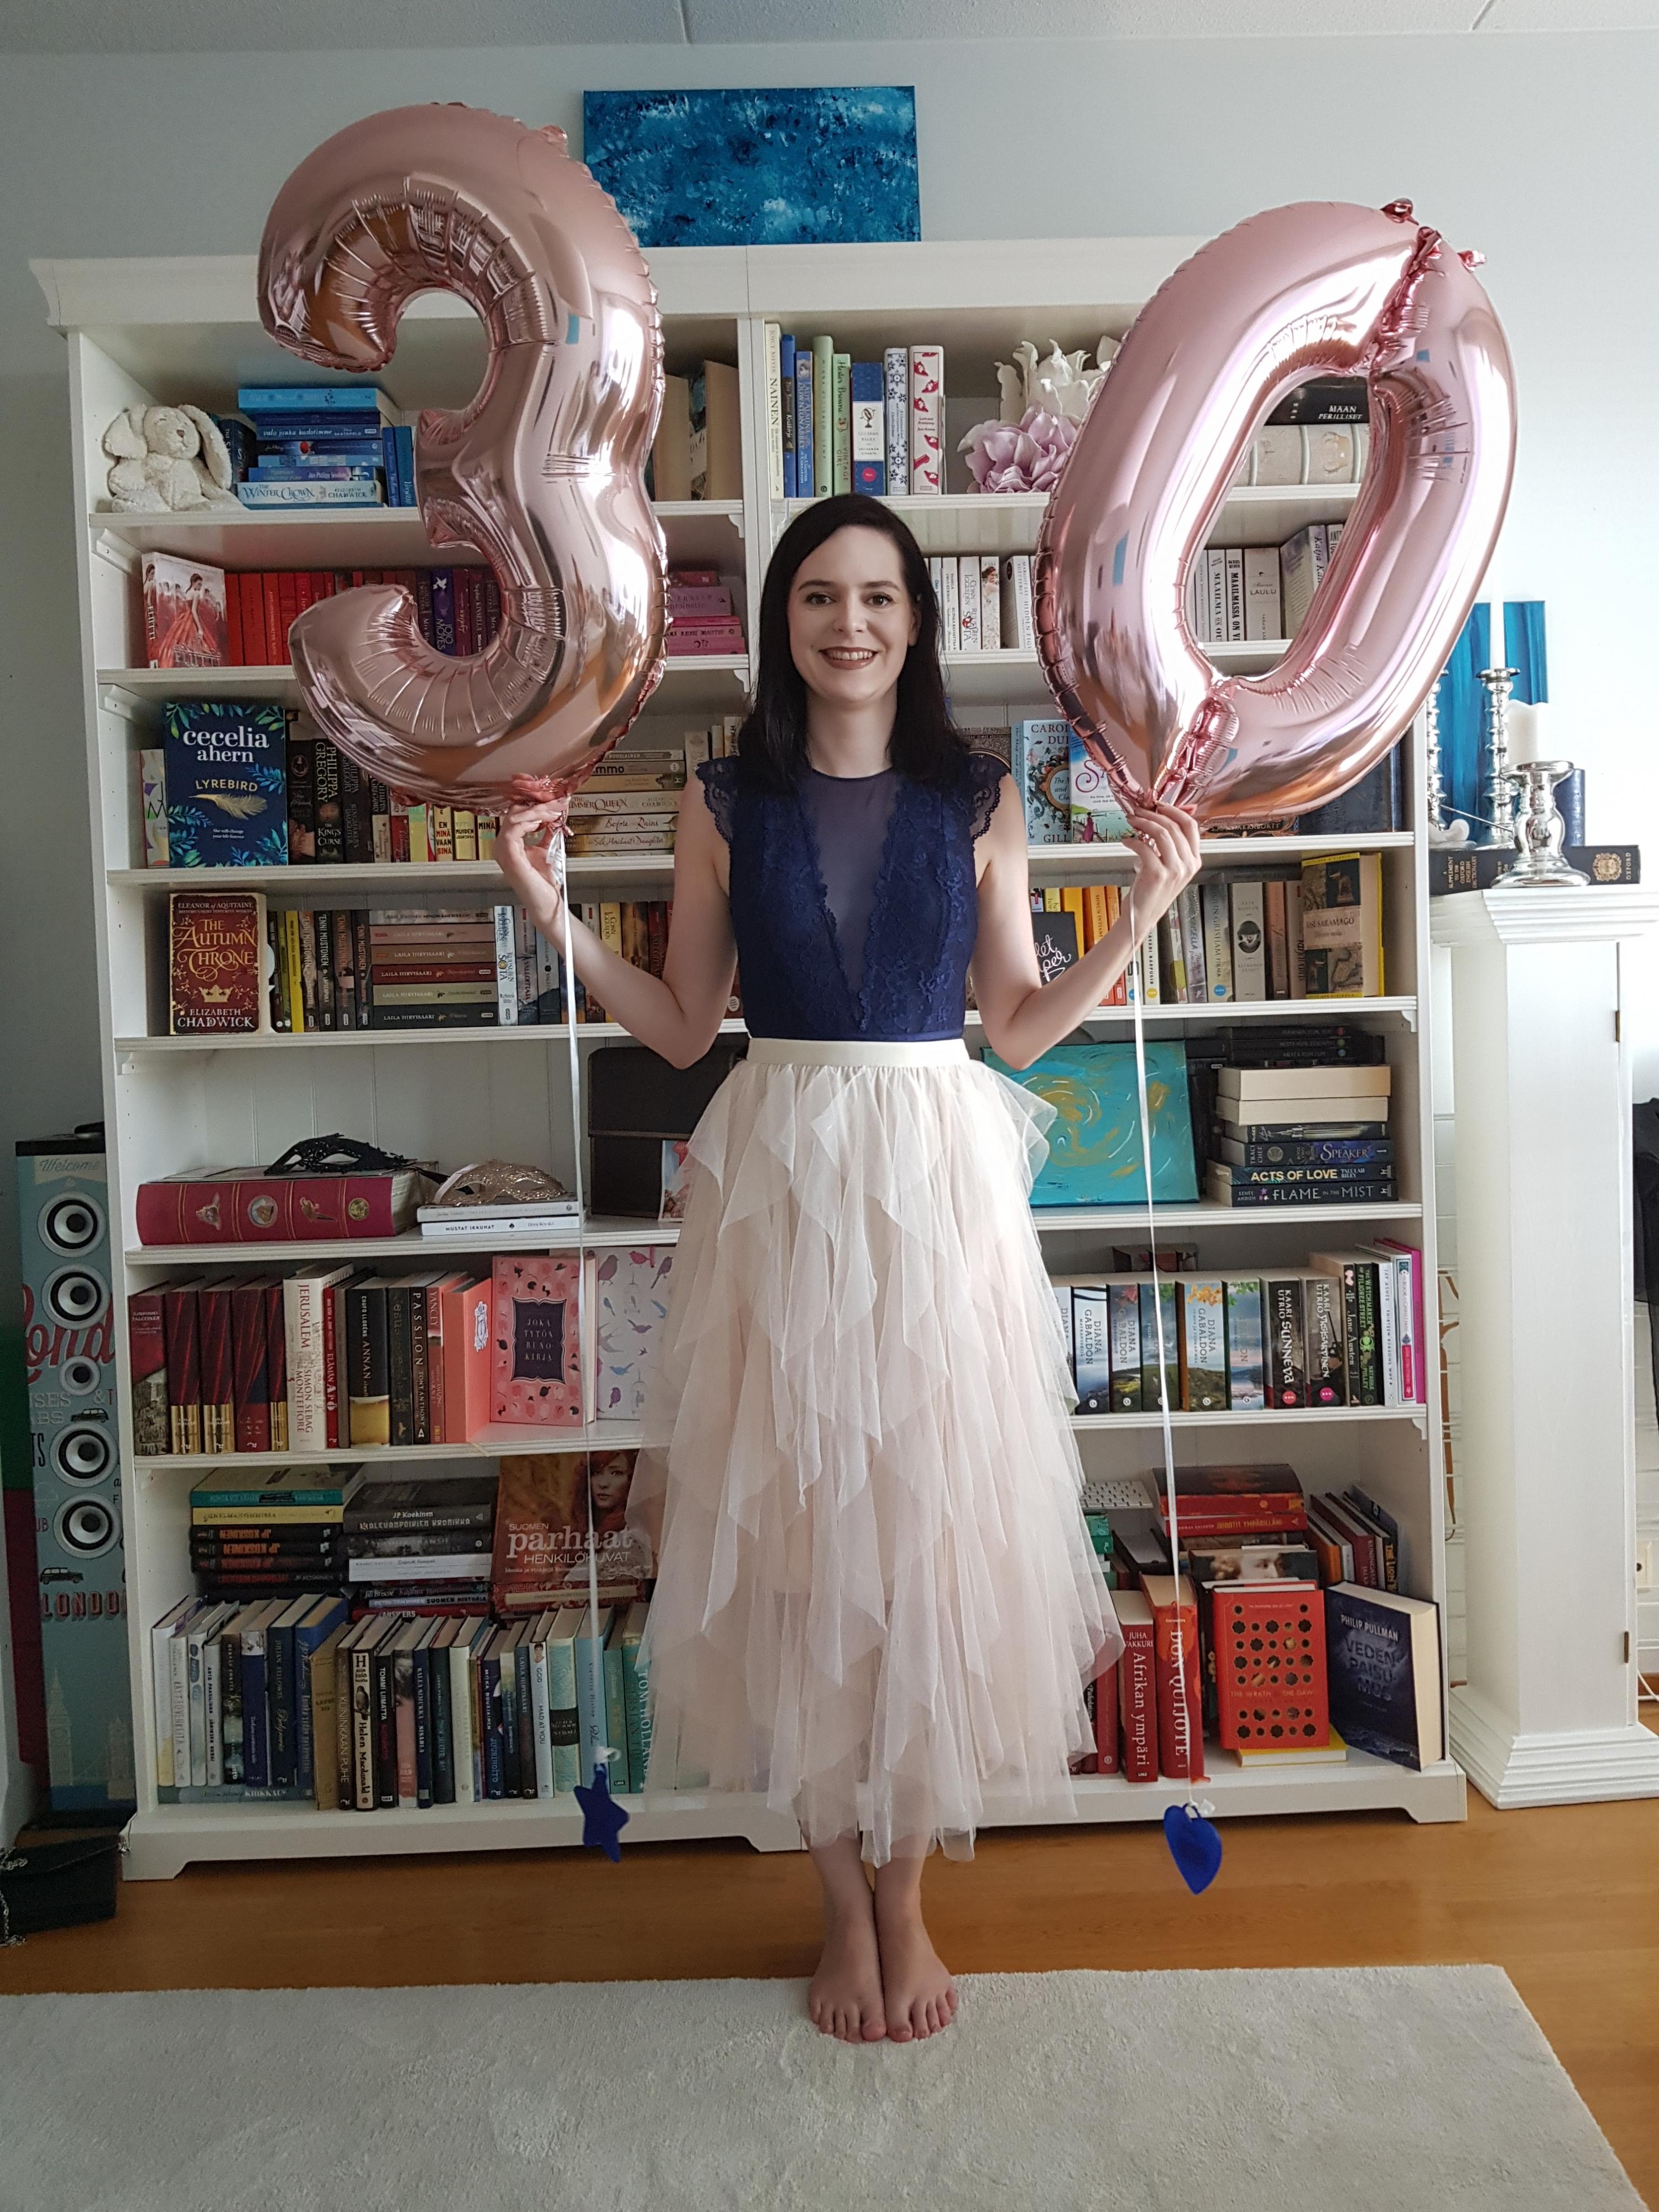 Hyvää 30-vuotissyntymäpäivää Tiina!